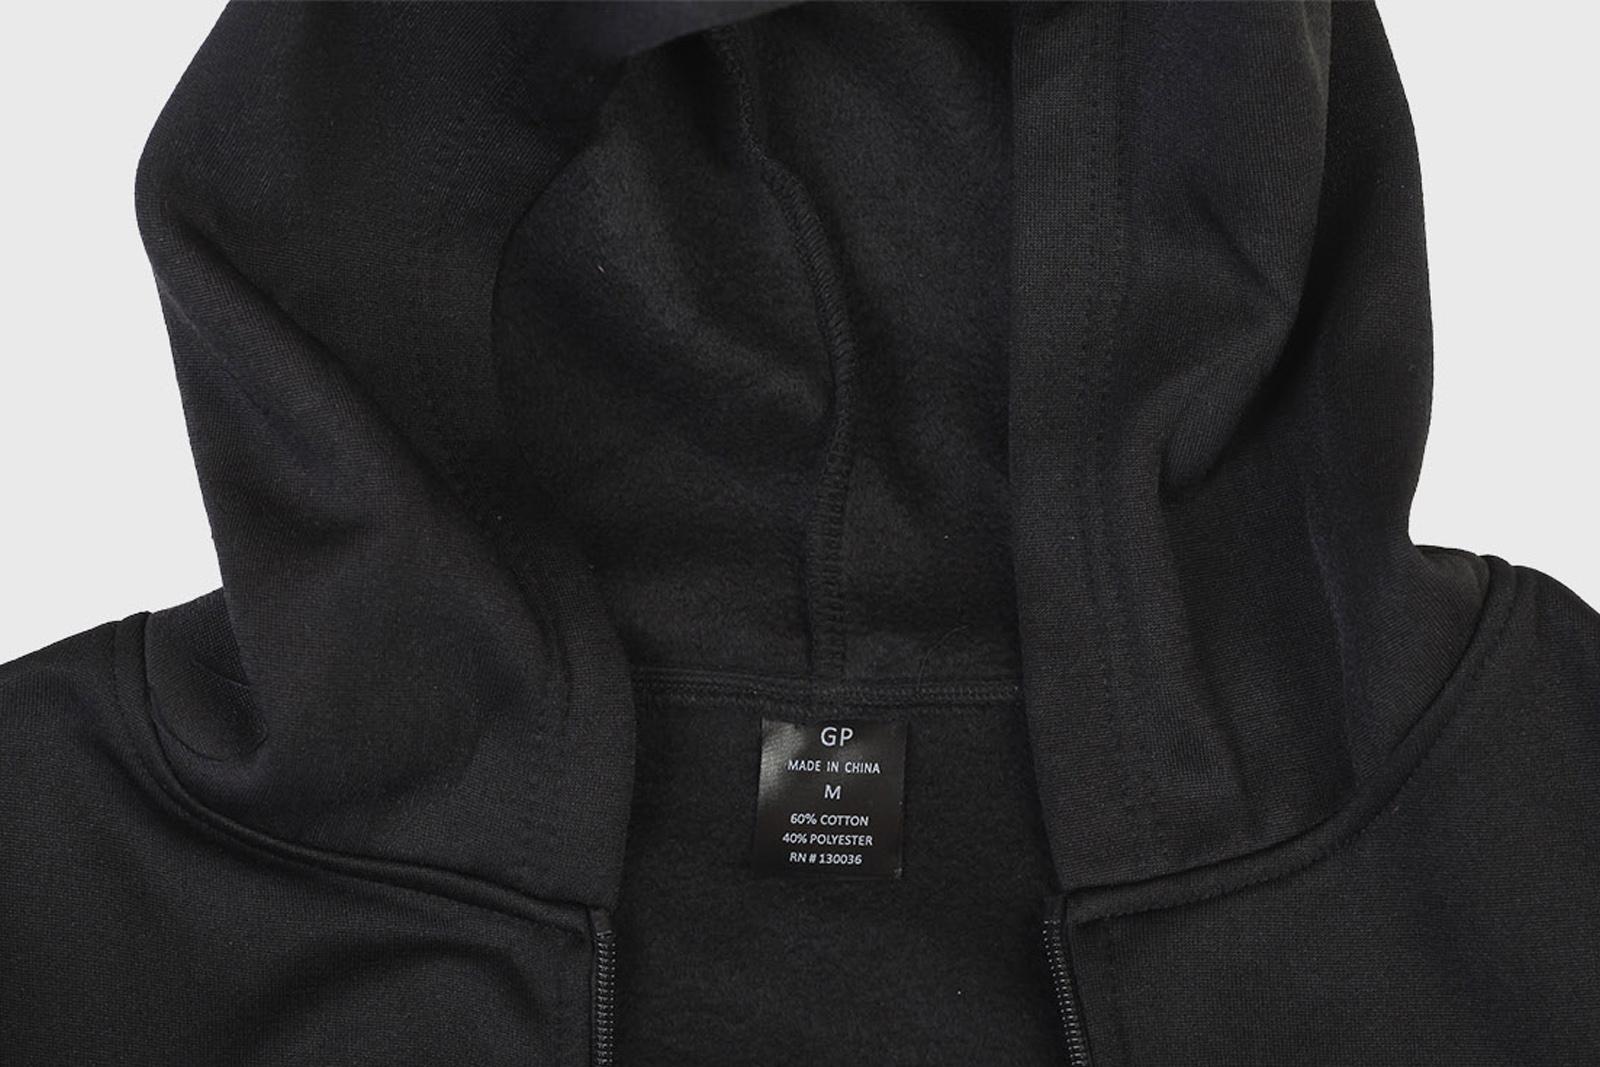 Черная надежная толстовка с символикой МВД на груди и спине - заказать по низкой цене